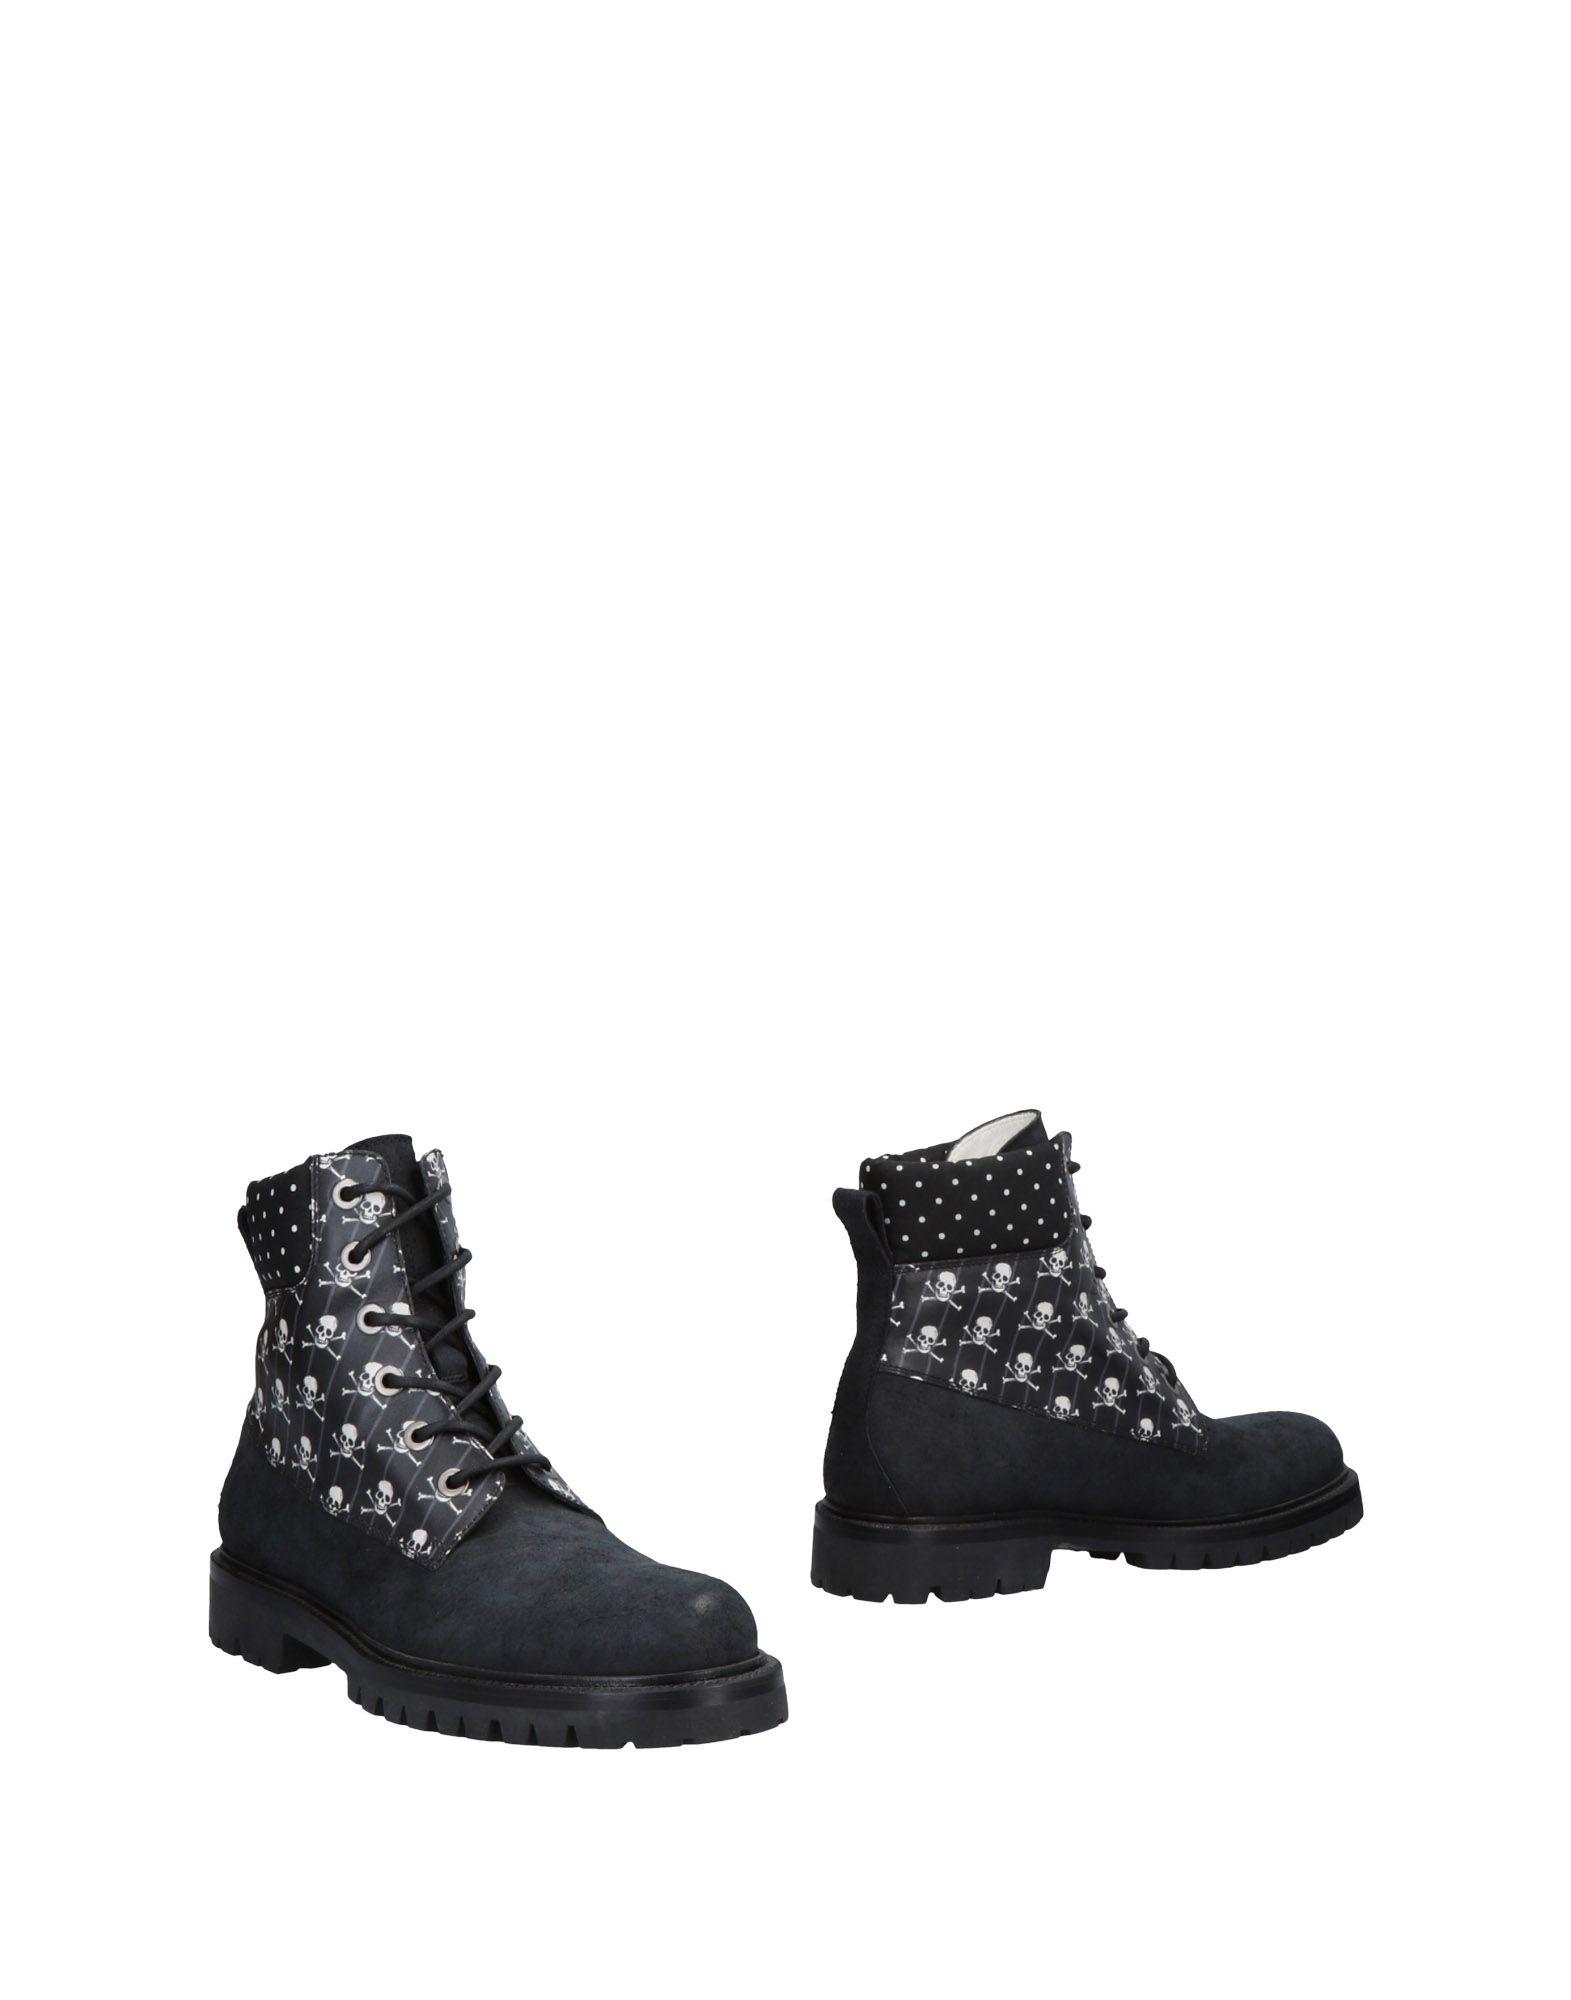 Dolce & Gabbana Stiefelette Herren  11495639MC Gute Qualität beliebte Schuhe